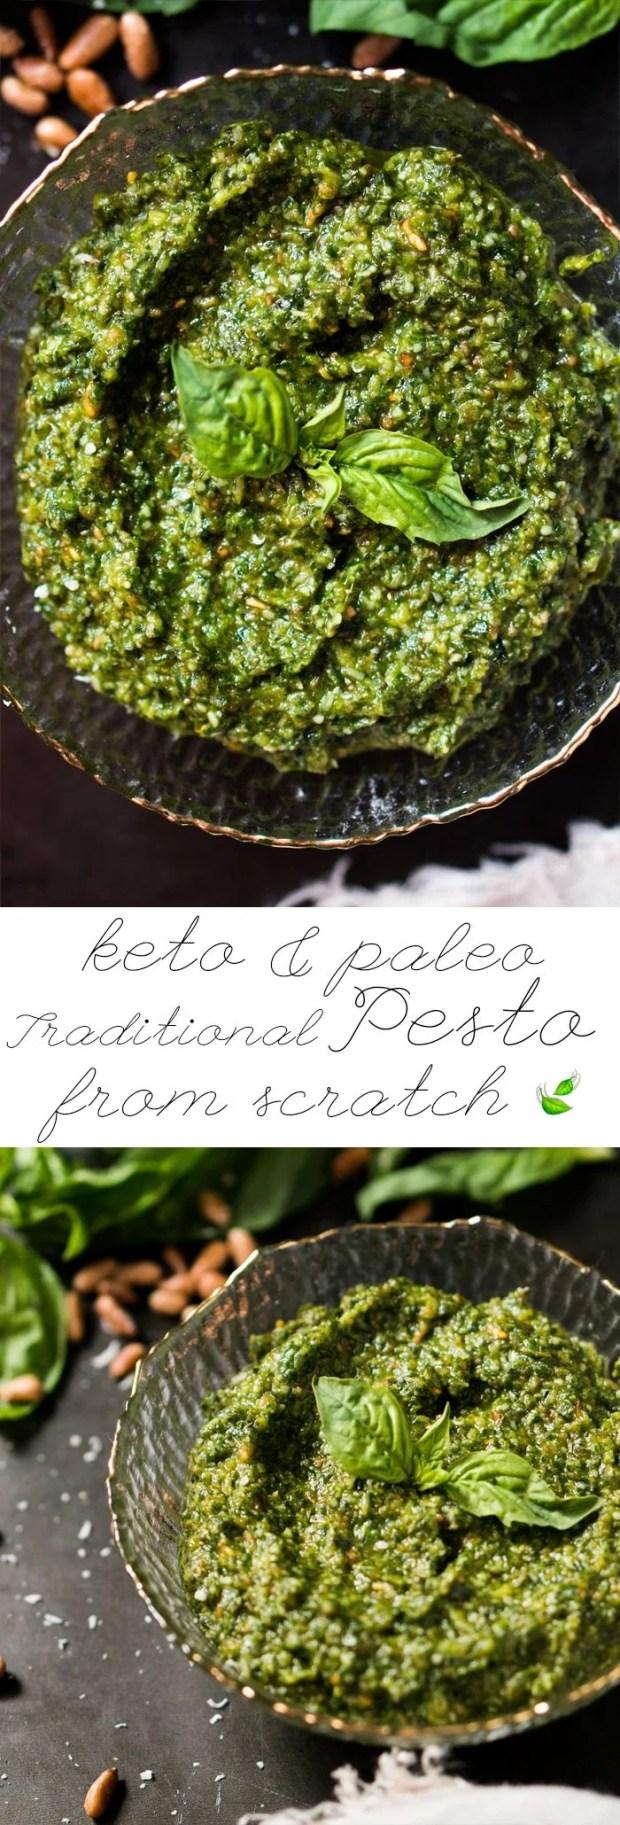 Paleo, Low Carb & Keto Pesto 🍃 A traditional Italian recipe from scratch! #keto #ketodiet #lowcarb #paleo #ketorecipes